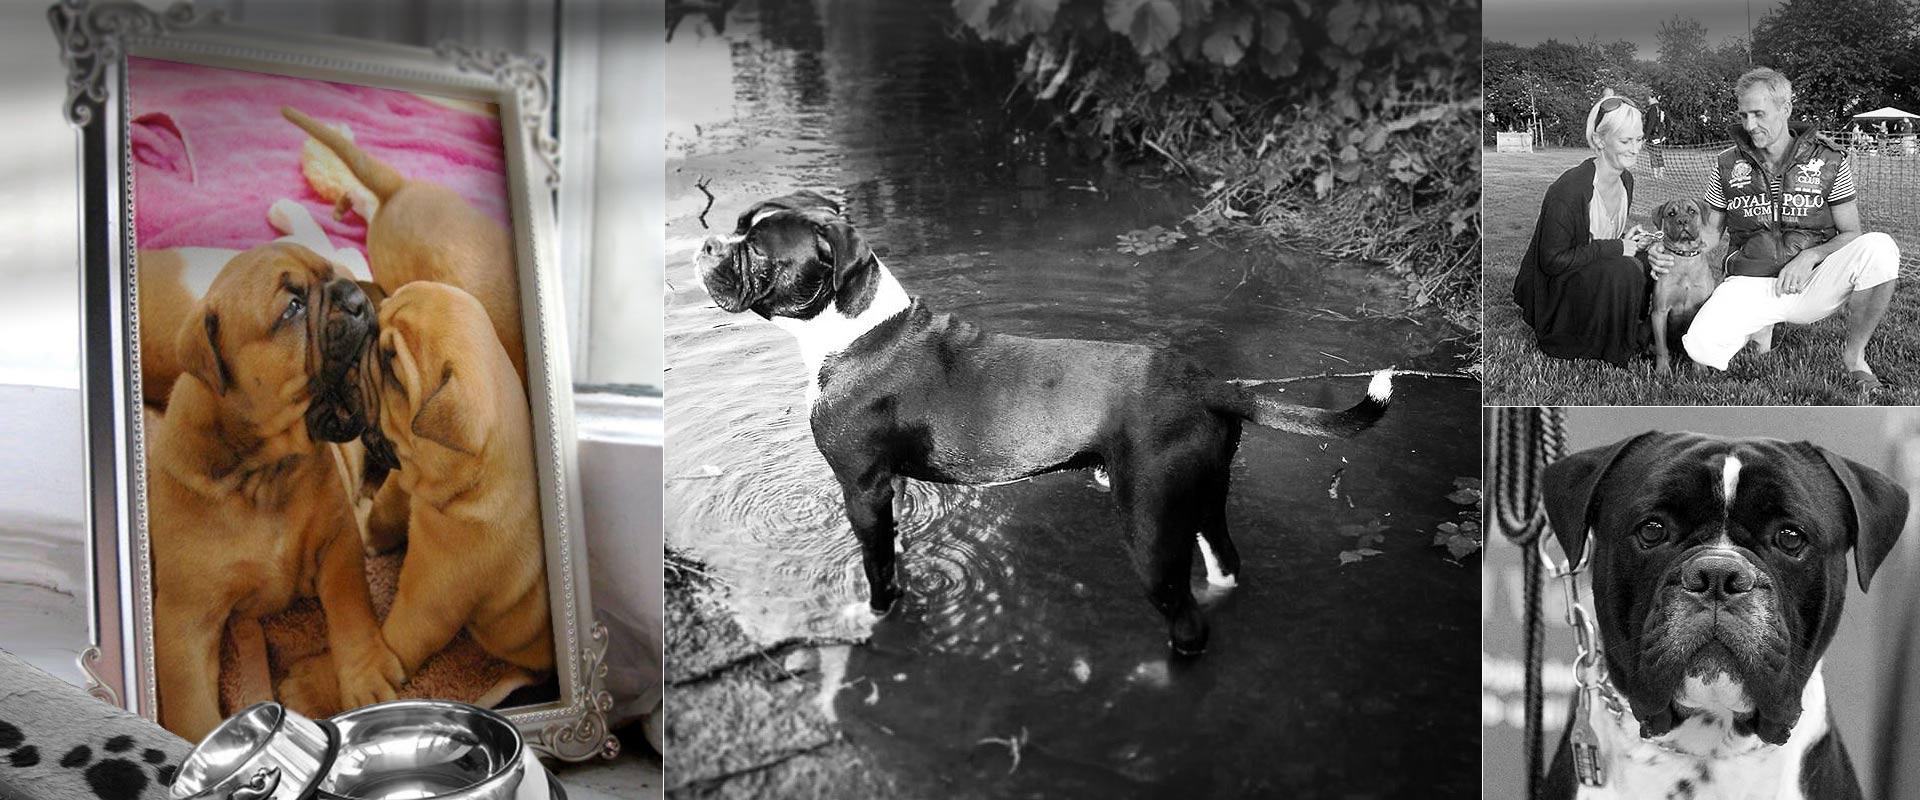 Leavitt bulldog hundeavl slider